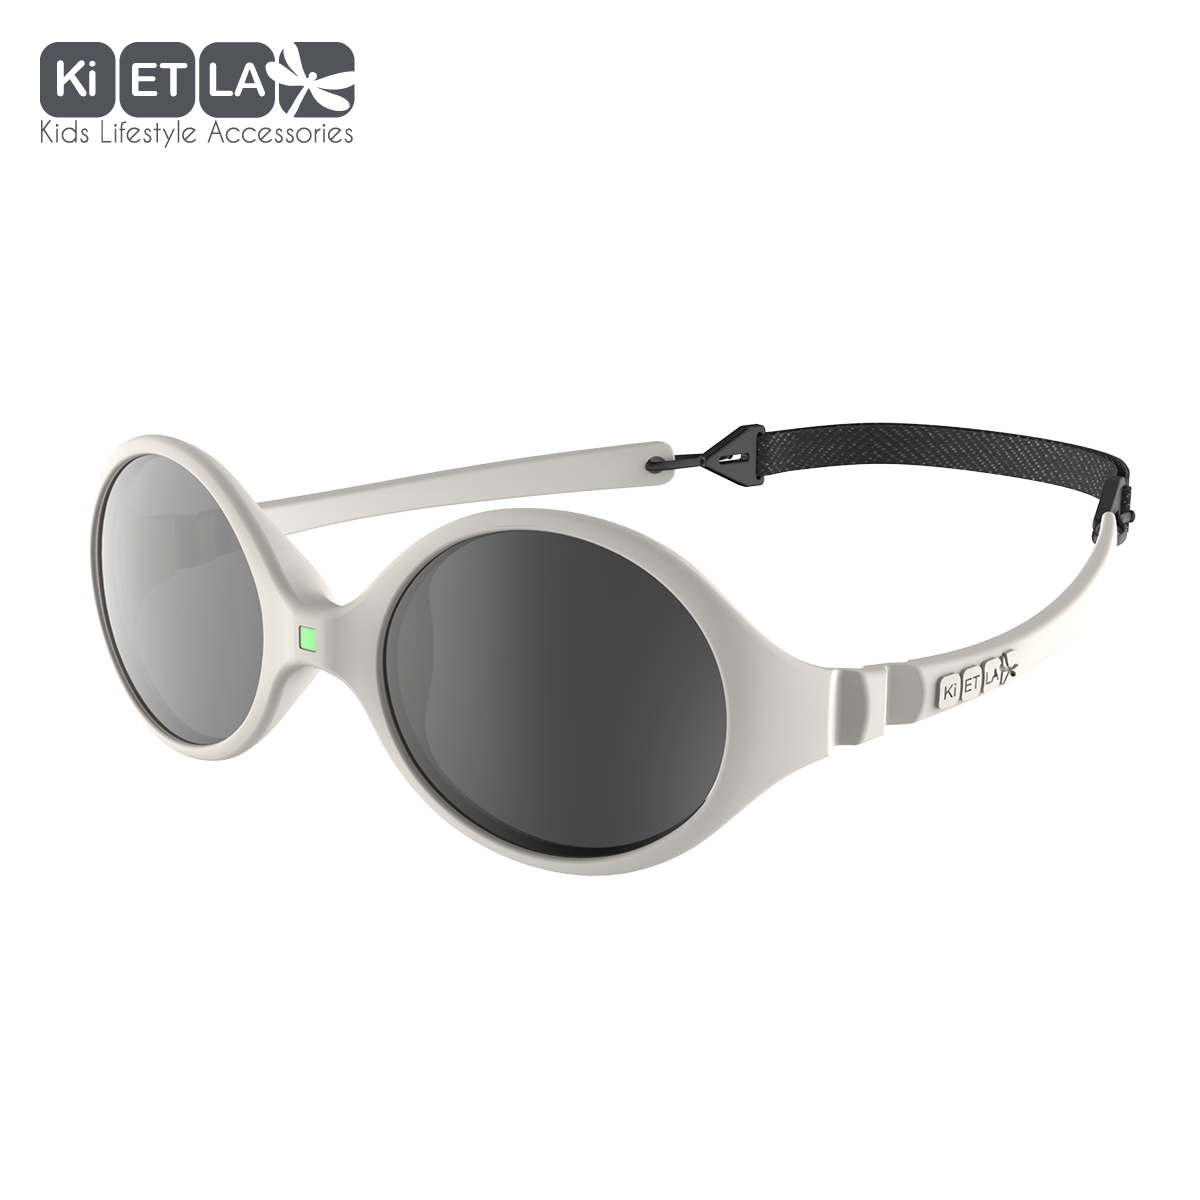 Detské slnečné okuliare Kietla